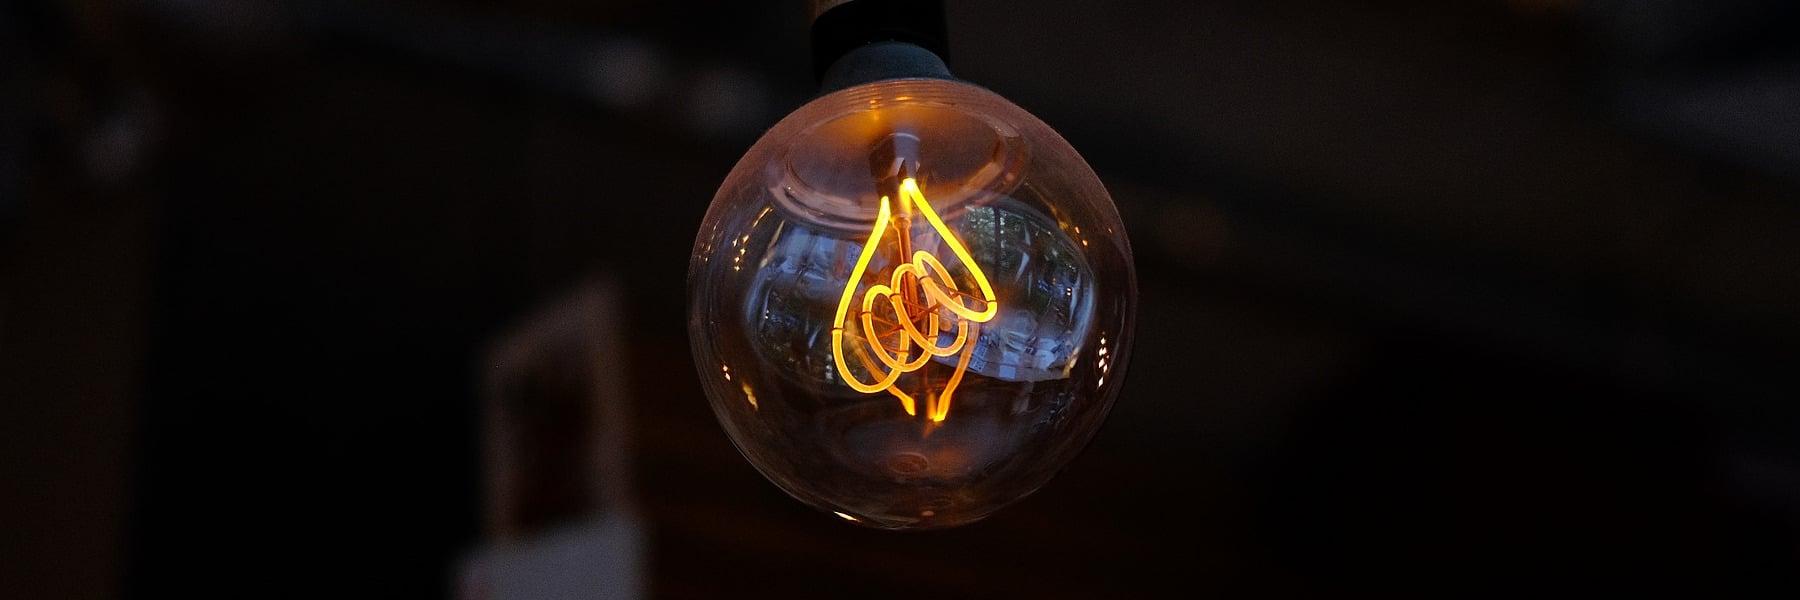 Osram Smart+ Filament Lampen ab sofort verfügbar